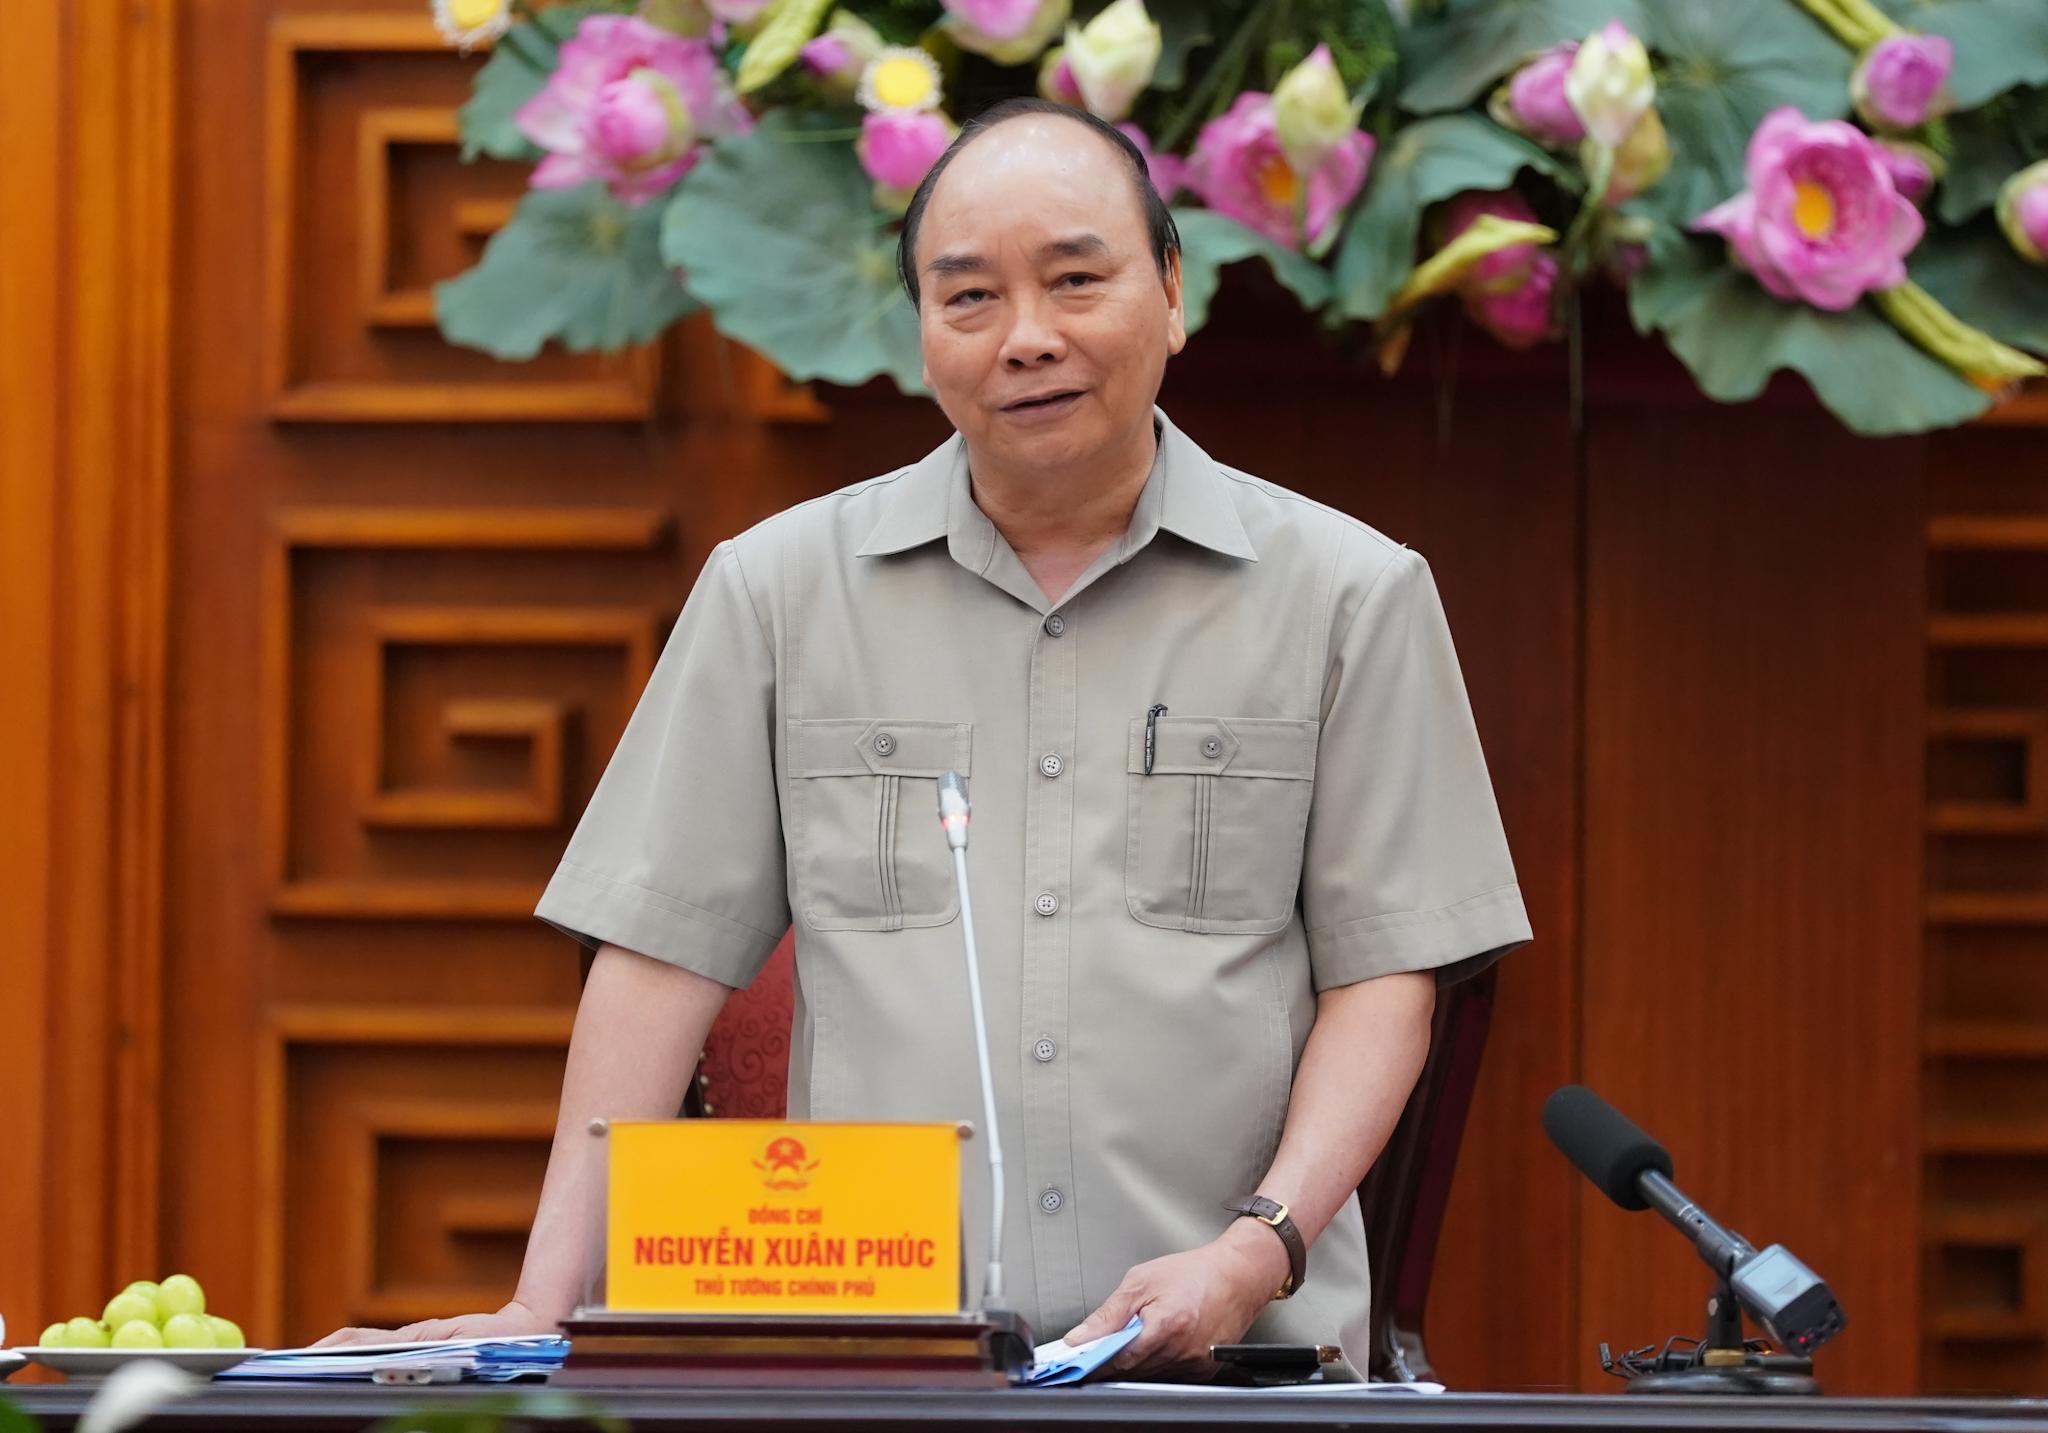 Thủ tướng: Kiểm soát  lạm phát dưới 4%, không để tăng trưởng âm và đứt gãy nền kinh tế - Ảnh 1.